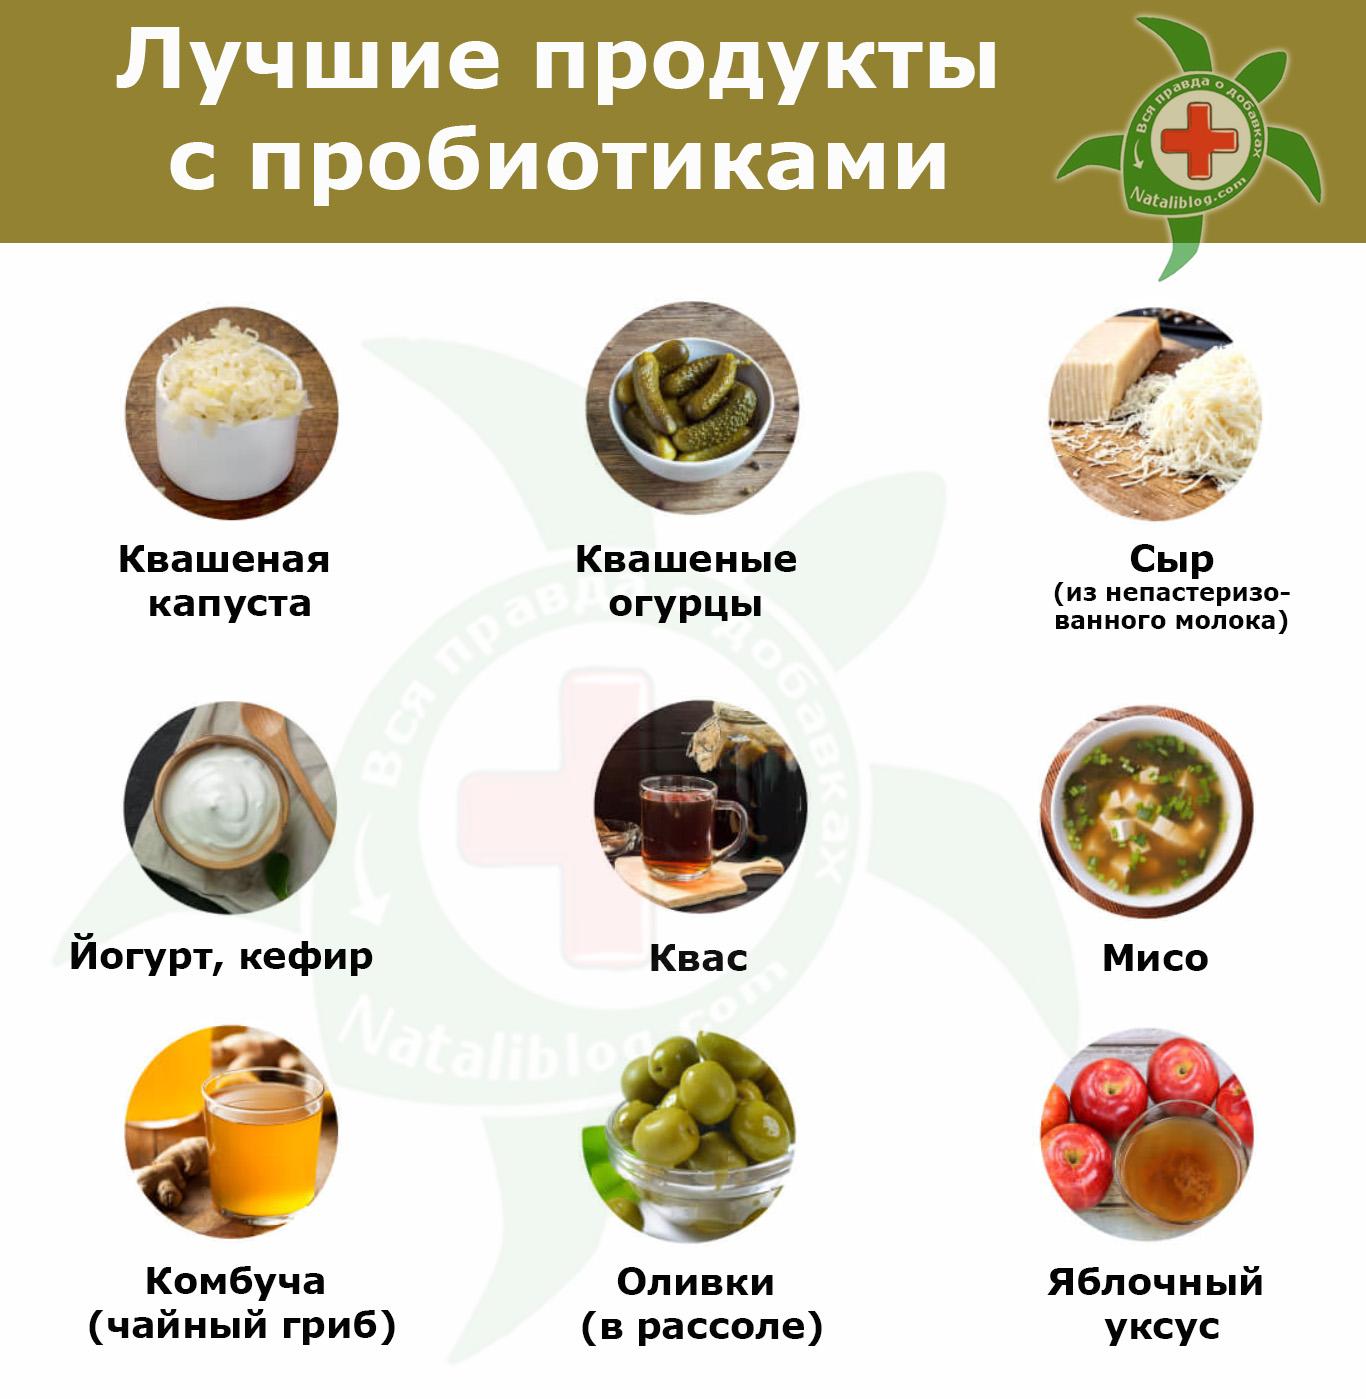 Лучшие продукты с пробиотиками.jpg